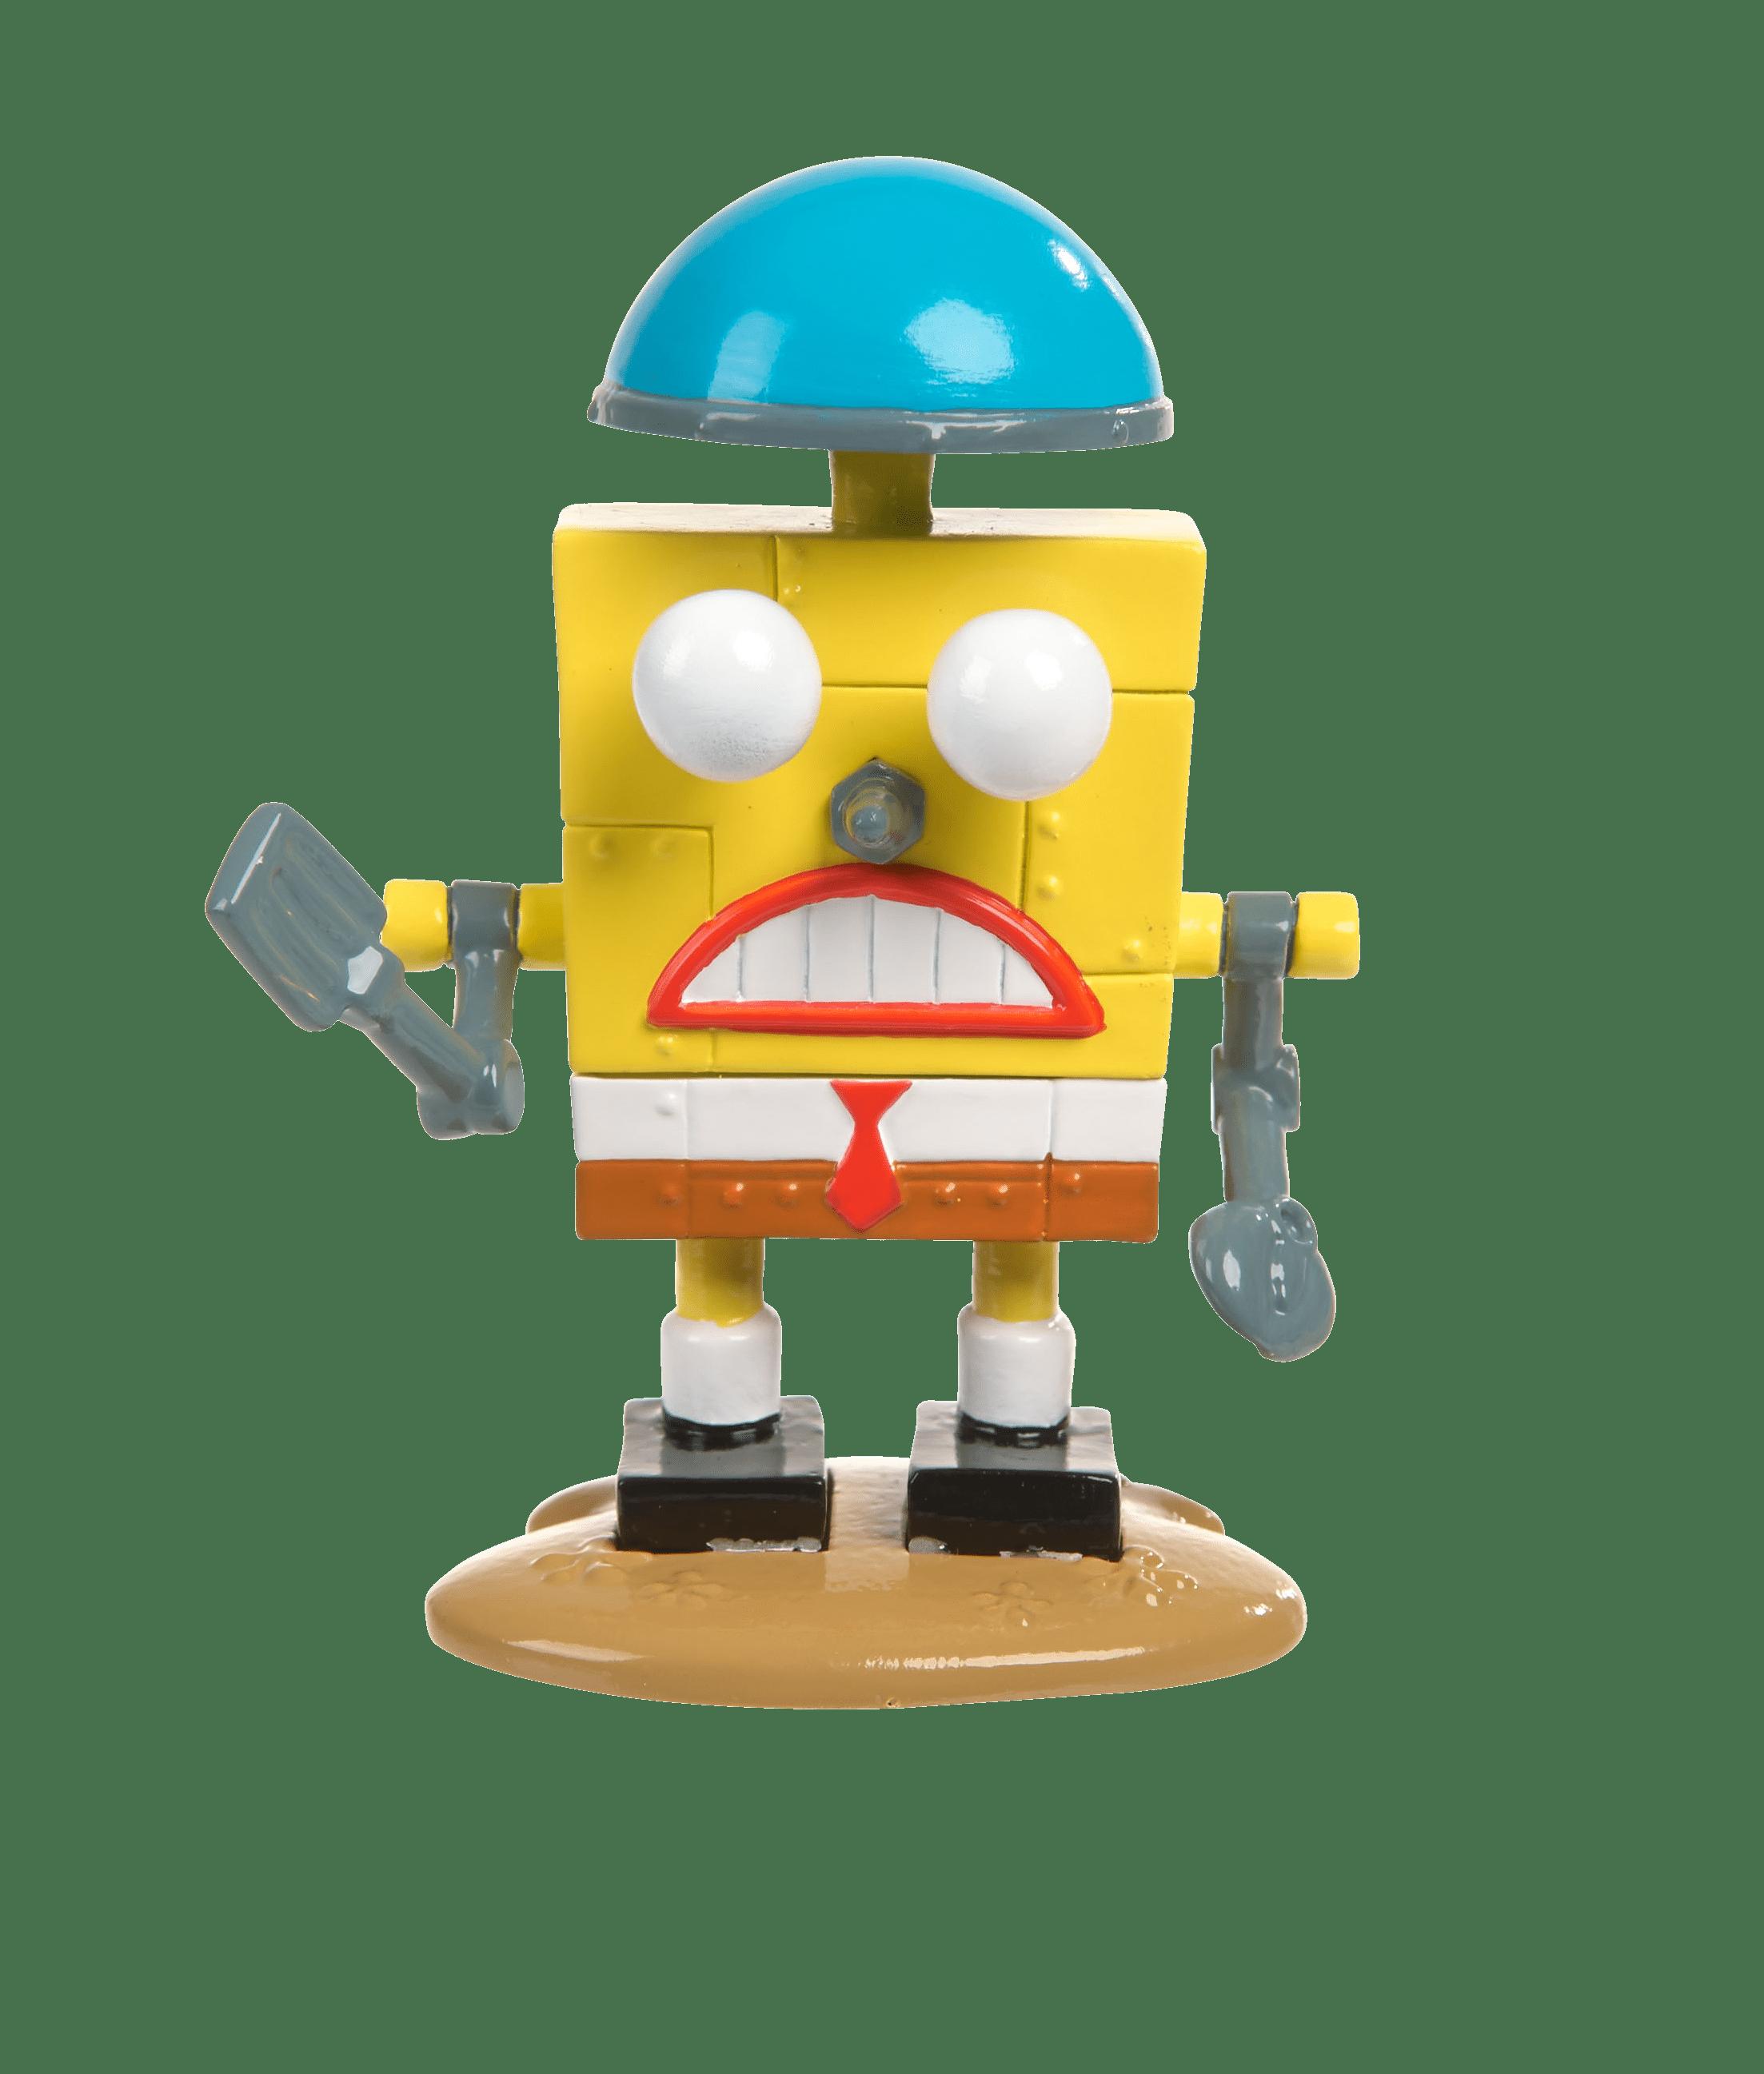 Nickelodeon SpongeBob SquarePants Deluxe Figure Set - Walmart.com